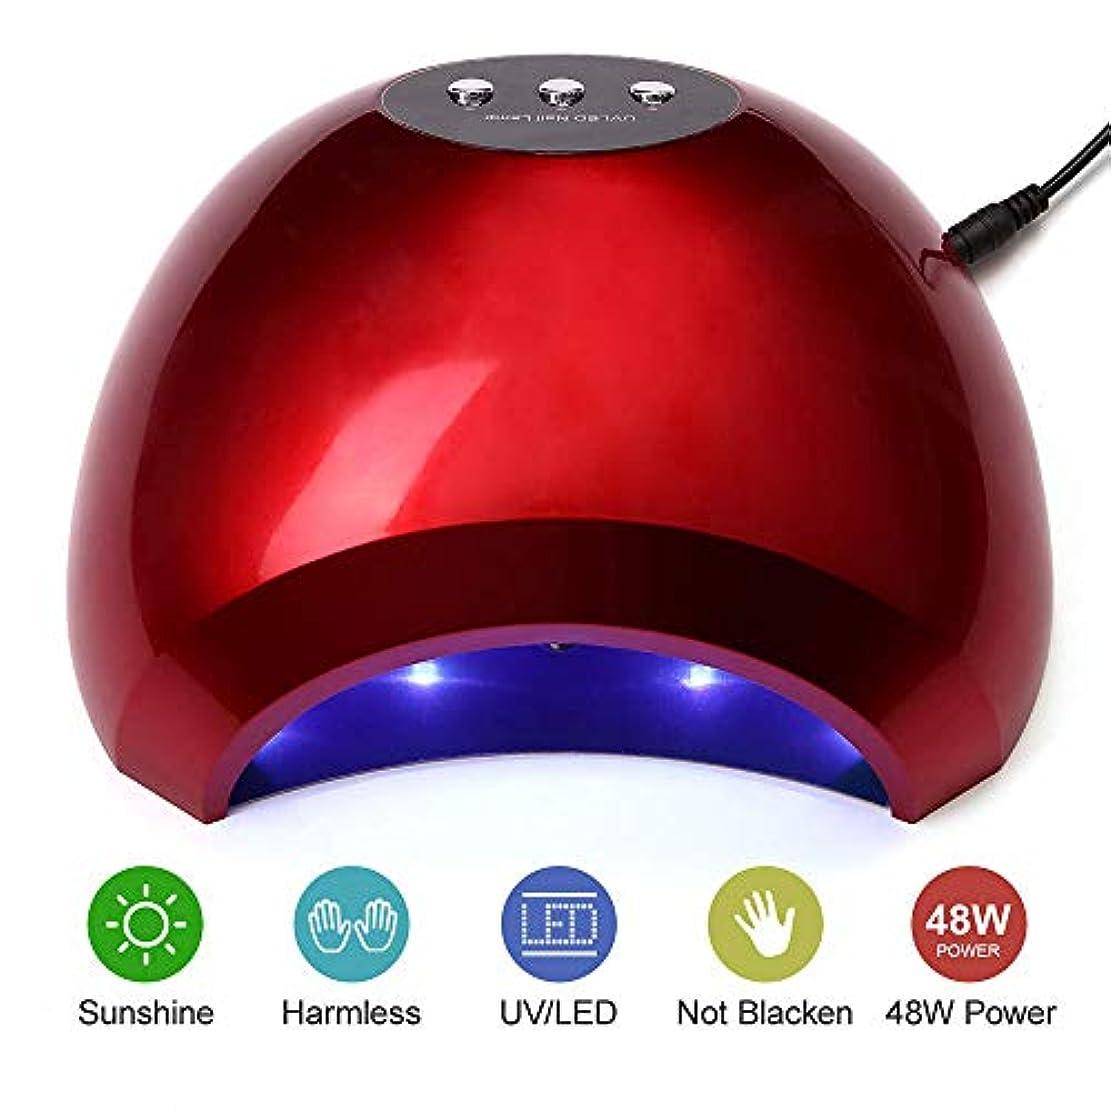 苦システム最大のネイルドライヤーランプ48W UV LEDネイルキュアランプライトソークオフネイルジェルランプマニキュアペディキュアドライヤー付きセンサー高速